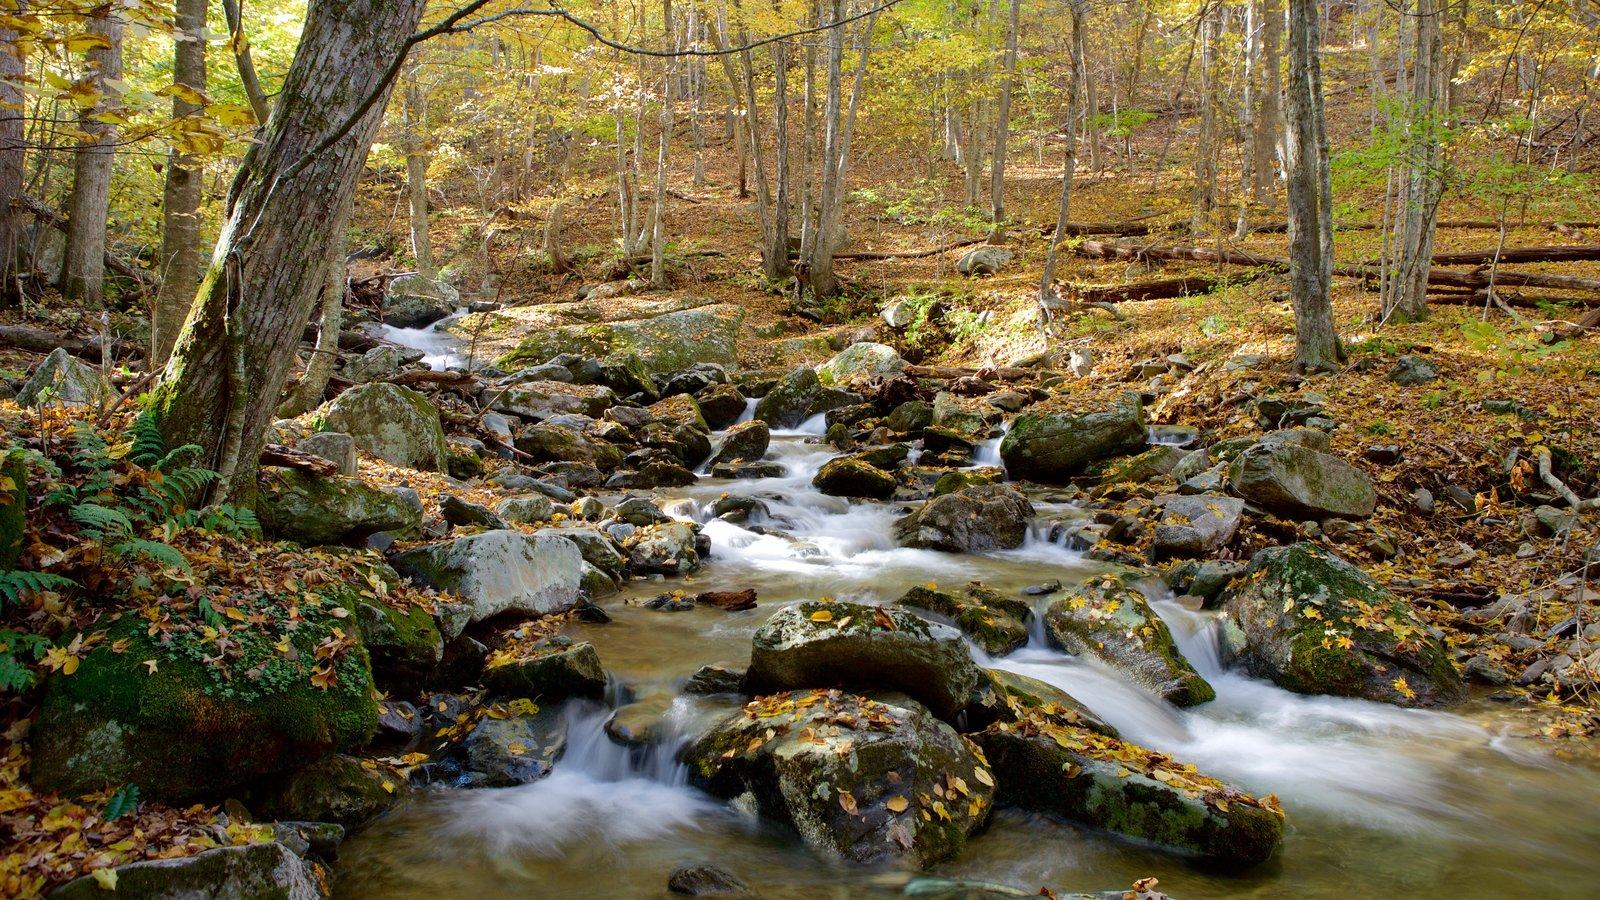 Parque Nacional Shenandoah ofreciendo un río o arroyo, escenas forestales y hojas de otoño